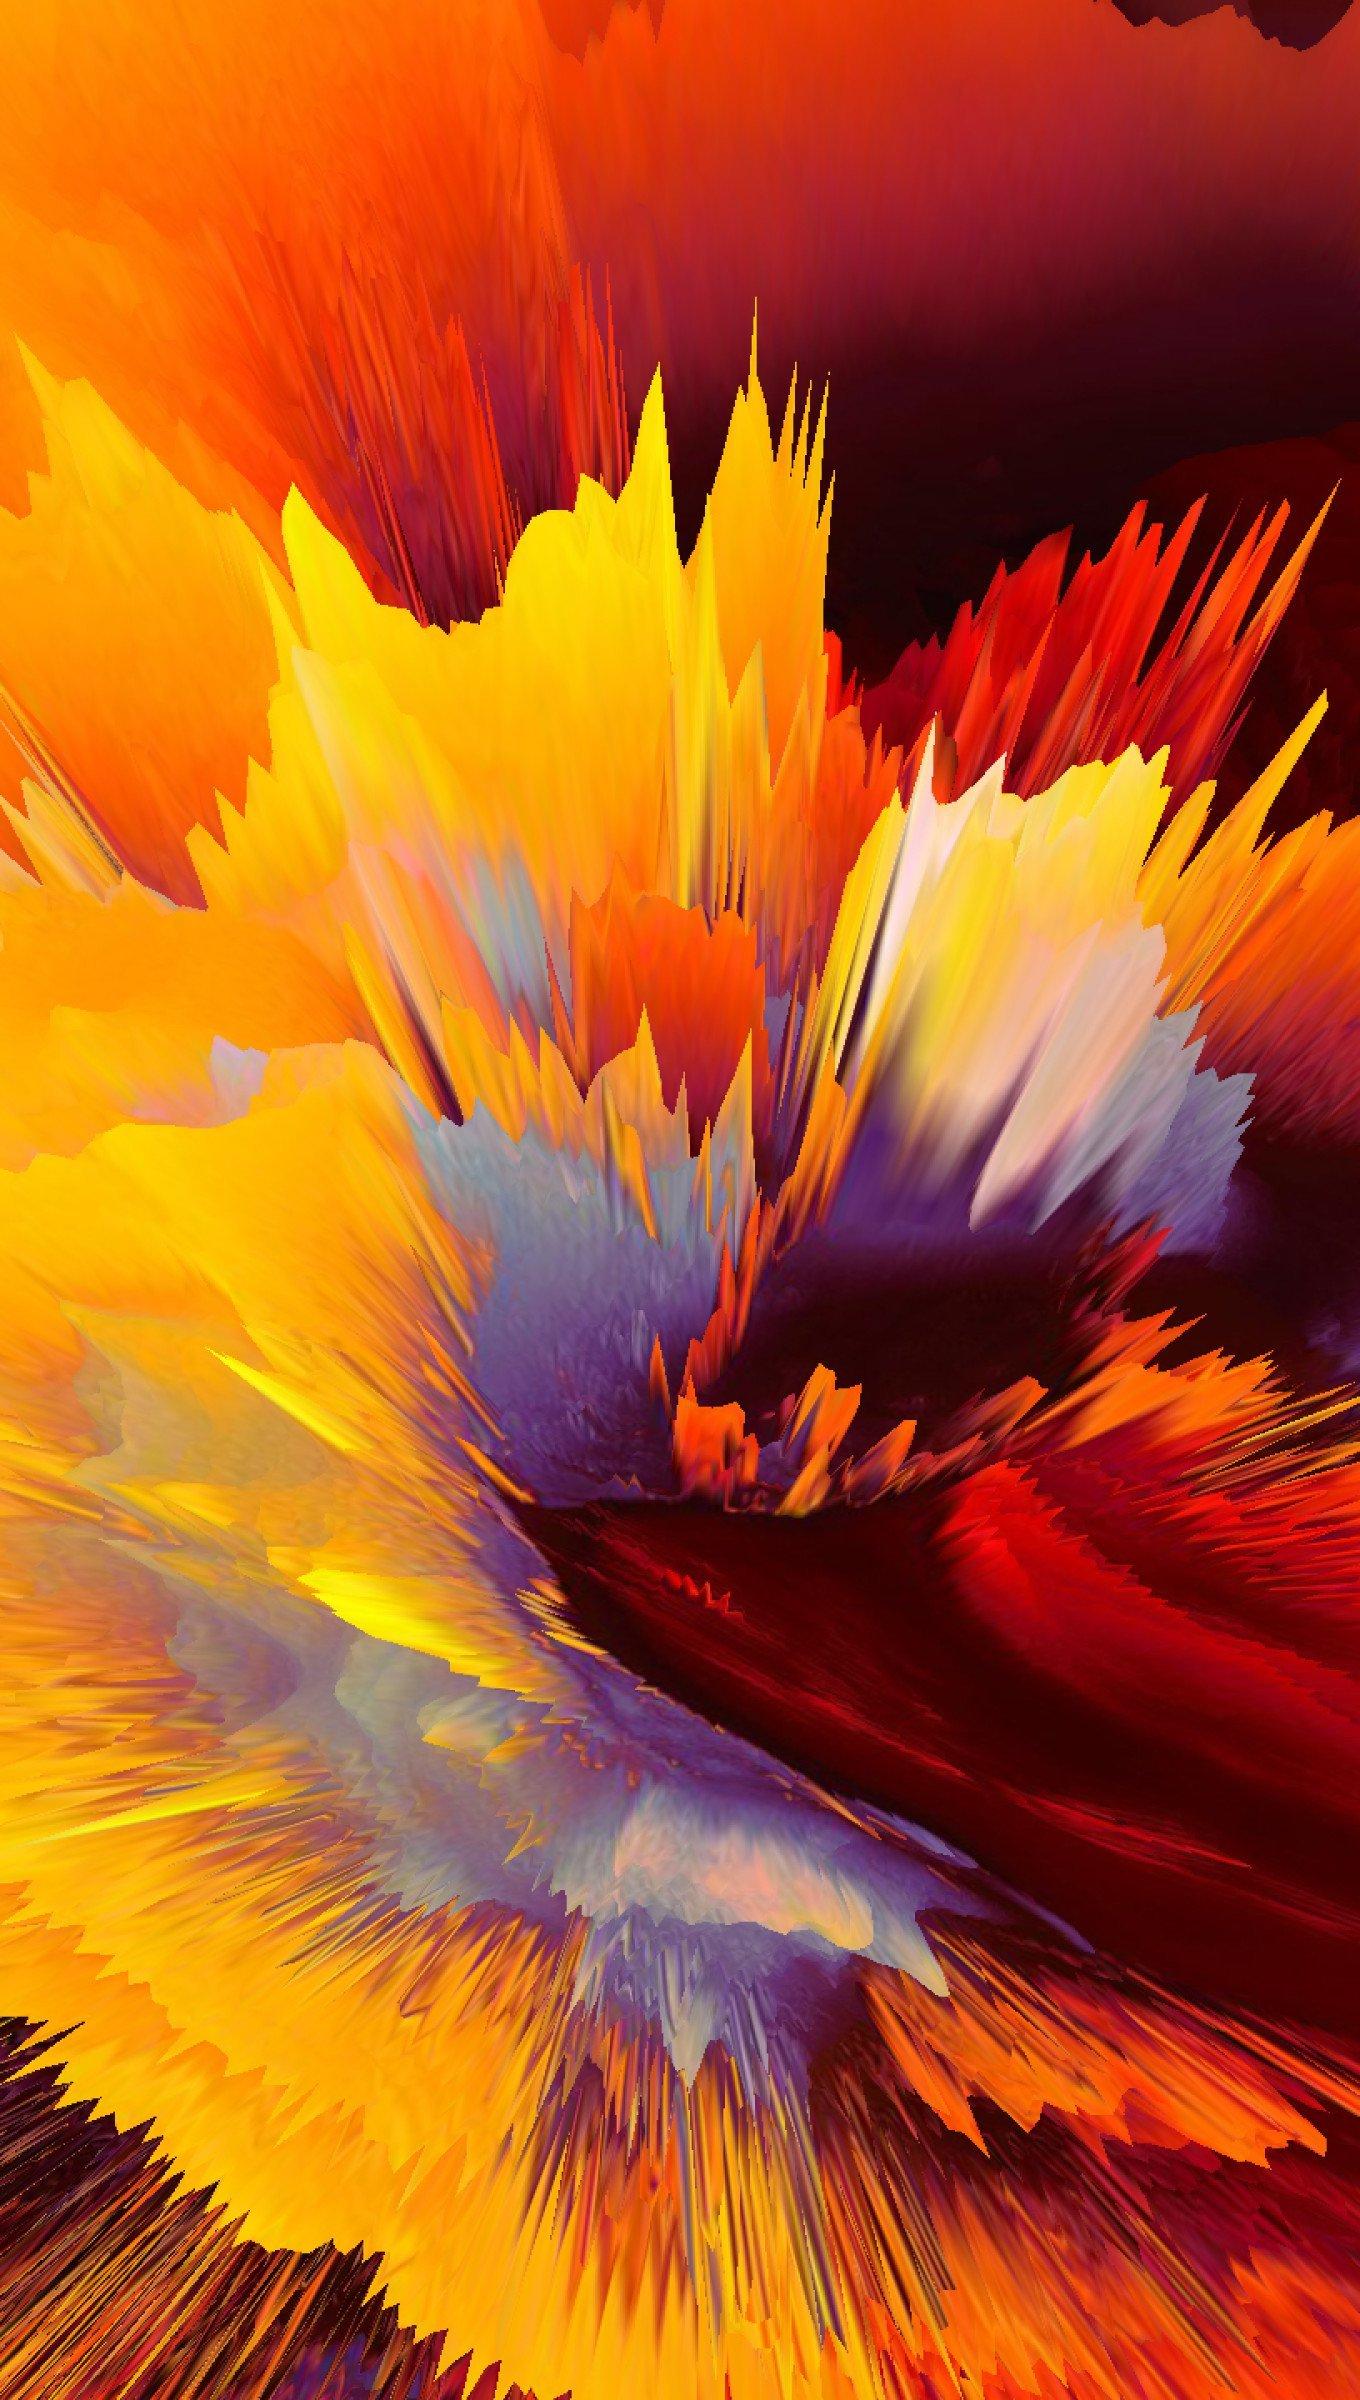 Fondos de pantalla Explosión de colores abstracta Vertical